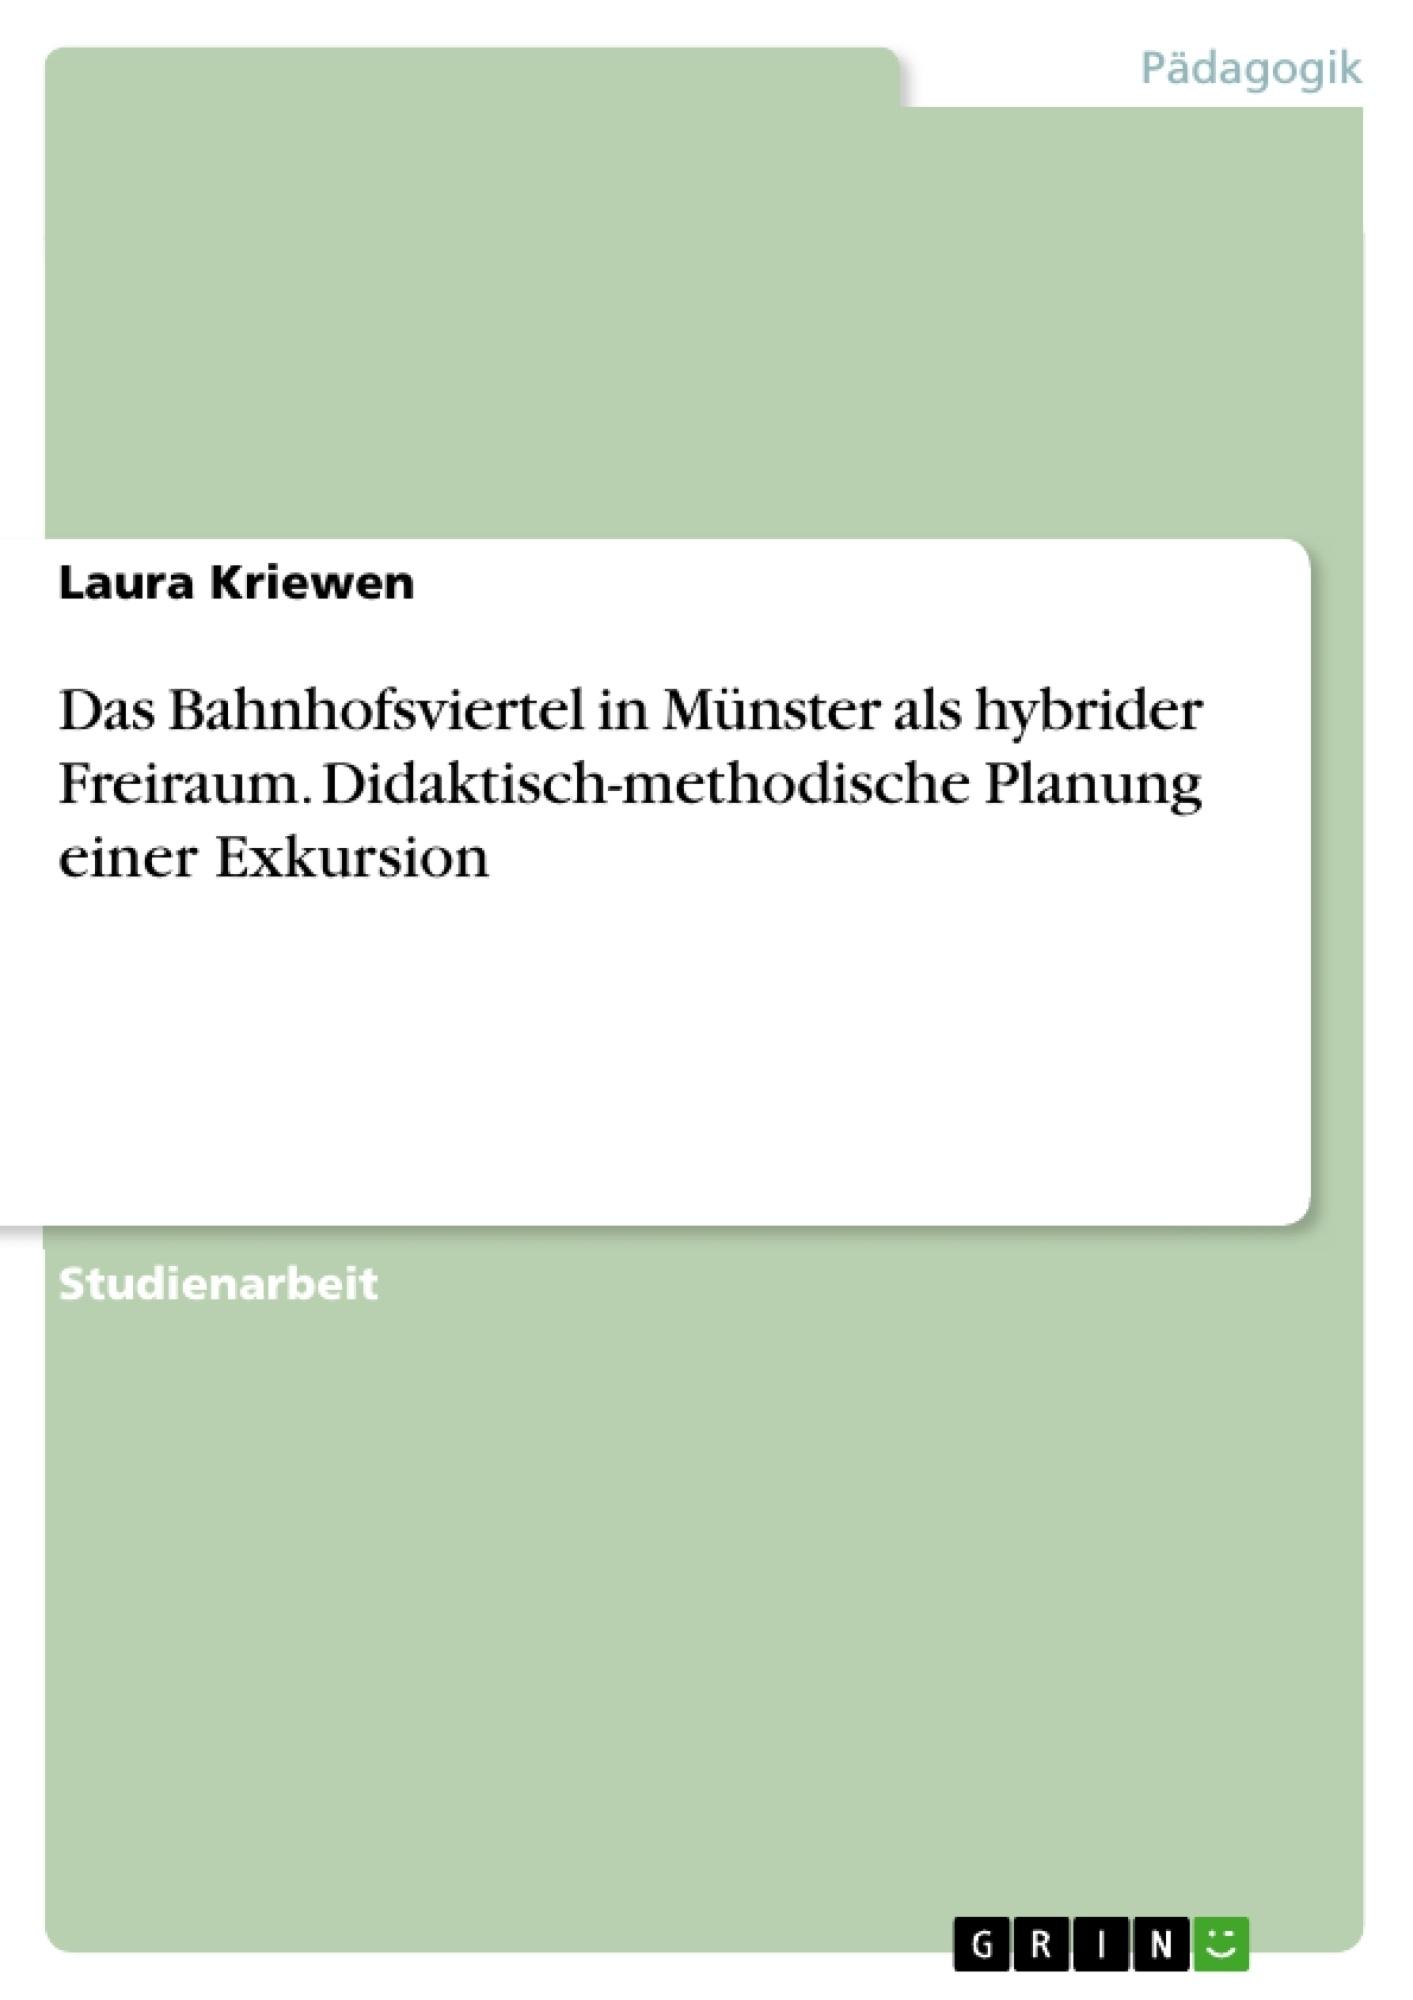 Titel: Das Bahnhofsviertel in Münster als hybrider Freiraum. Didaktisch-methodische Planung einer Exkursion